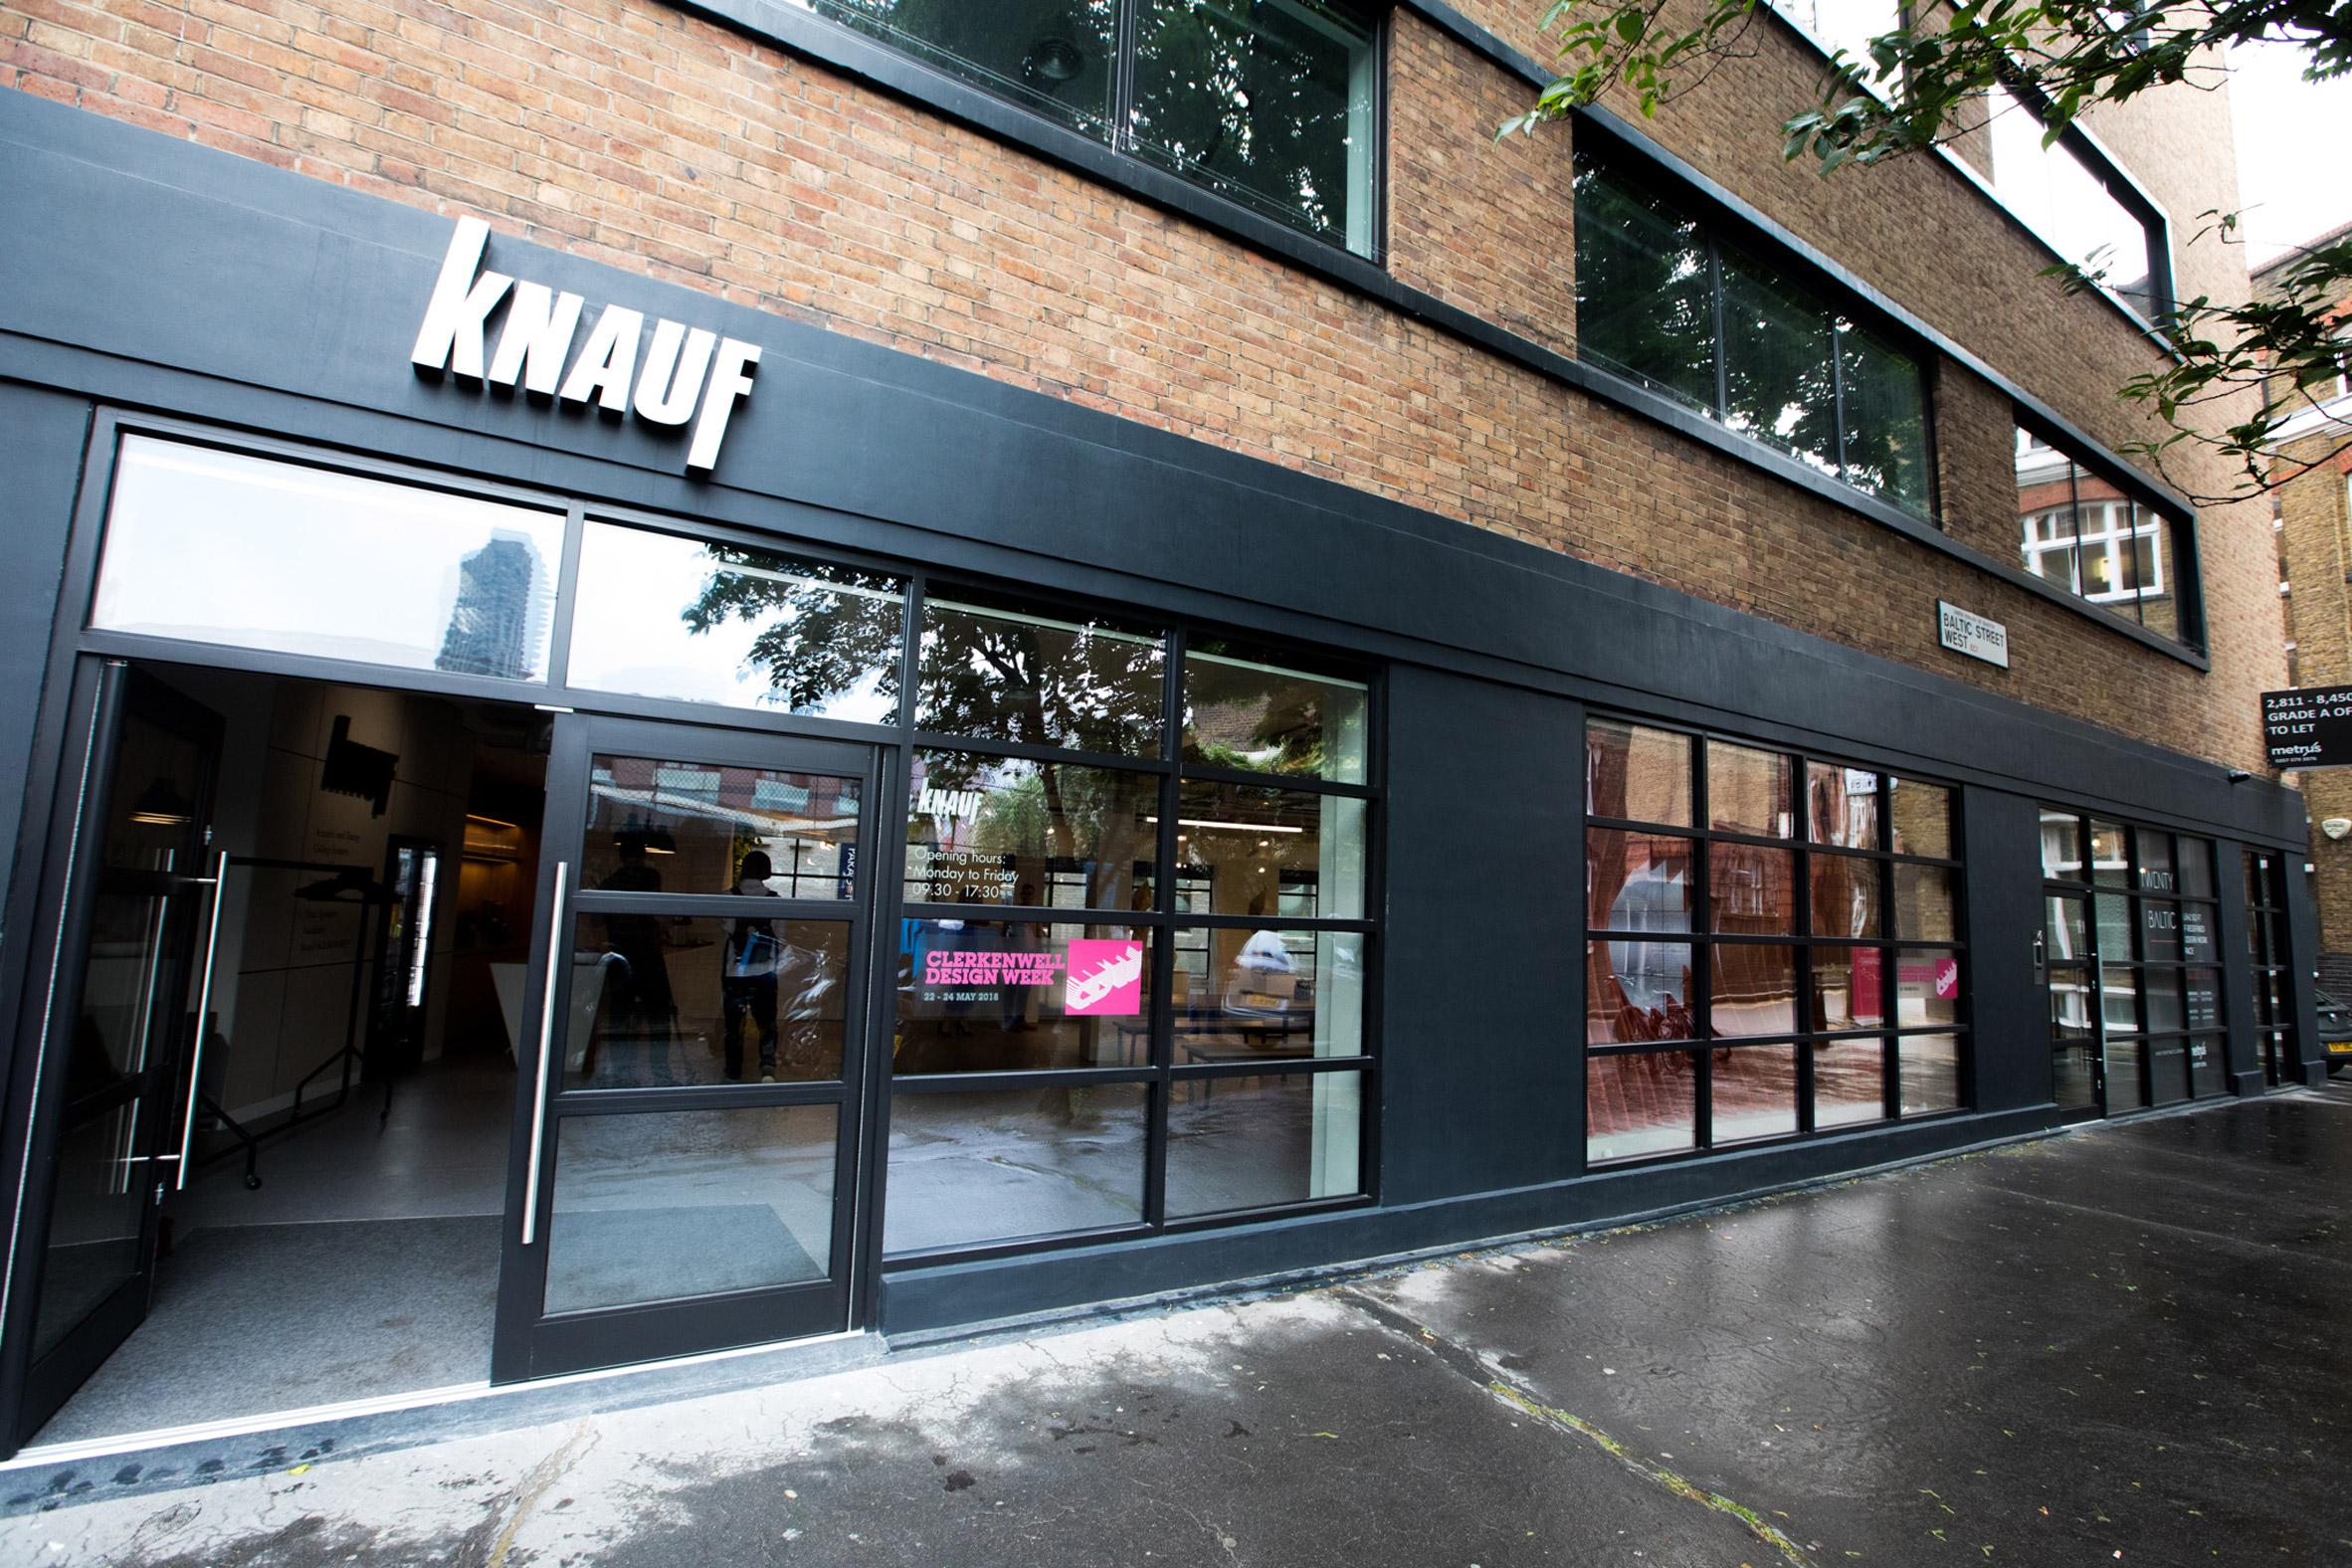 Mailen Design's new showroom for Knauf in Clerkenwelll